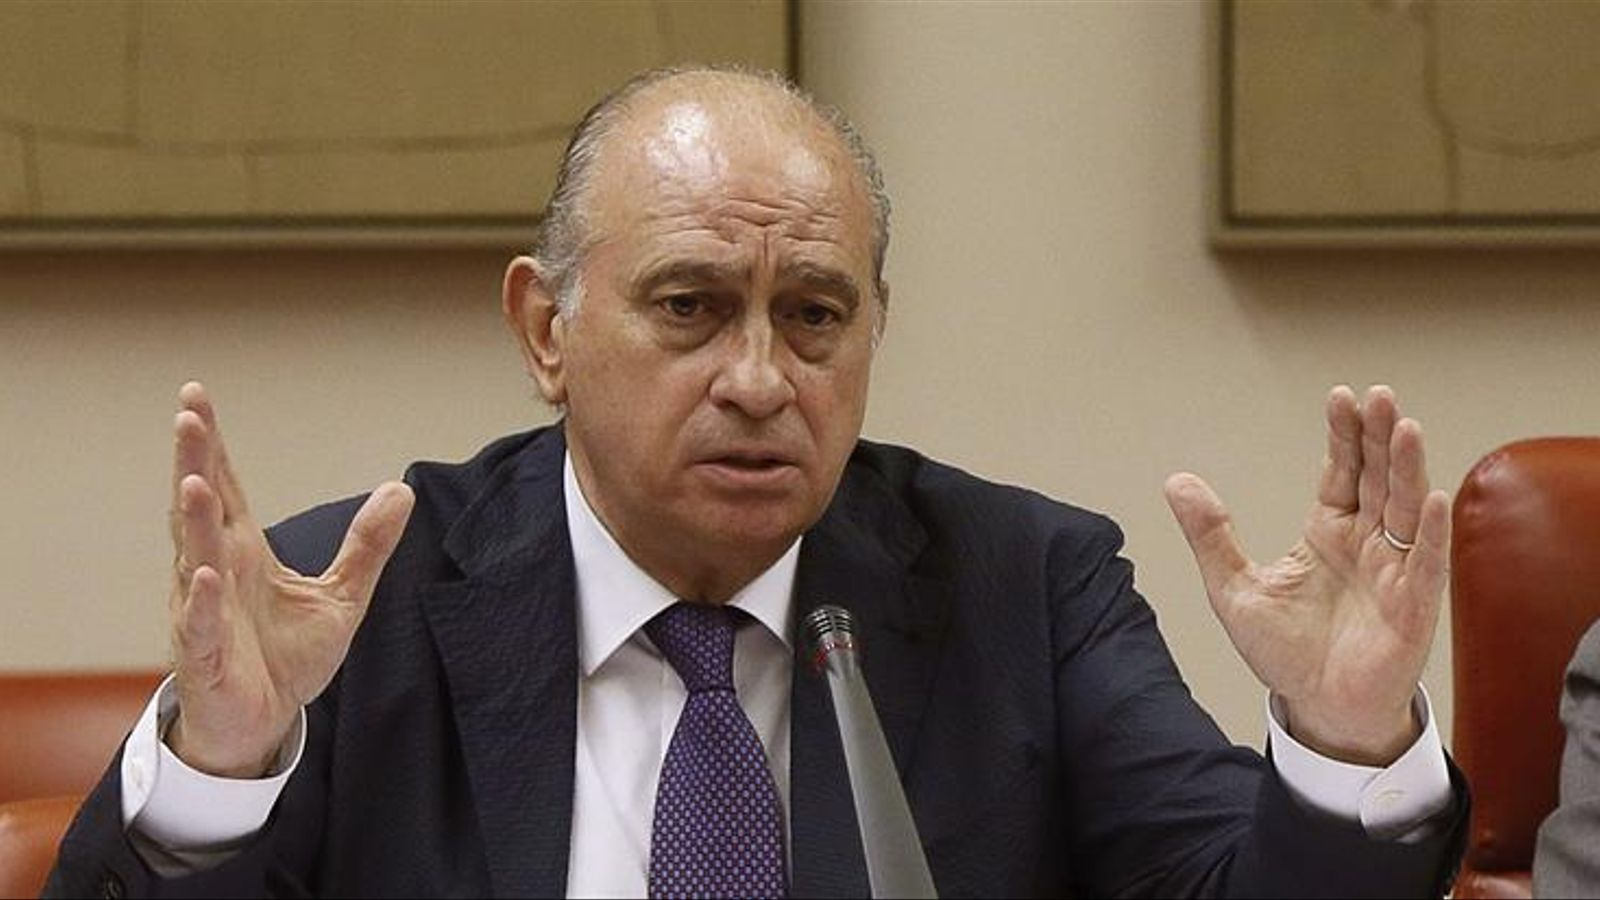 El ministre de l'Interior, Jorge Fernández Díaz, durant la compareixença a la comissió d'Interior del Congrés / EFE